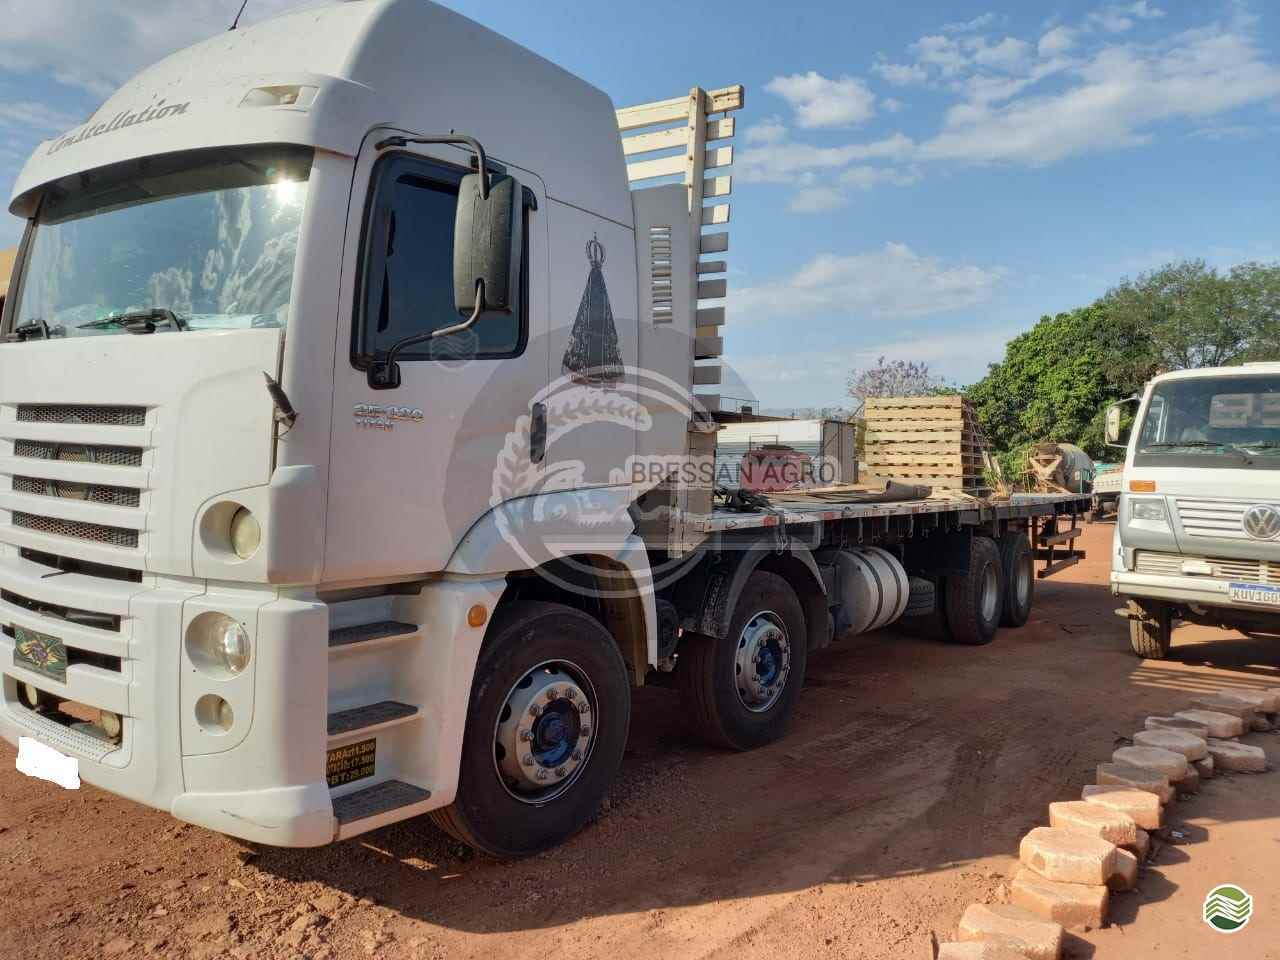 CAMINHAO VOLKSWAGEN VW 25320 Carga Seca BiTruck 8x2 Bressan Agro VARZEA GRANDE MATO GROSSO MT